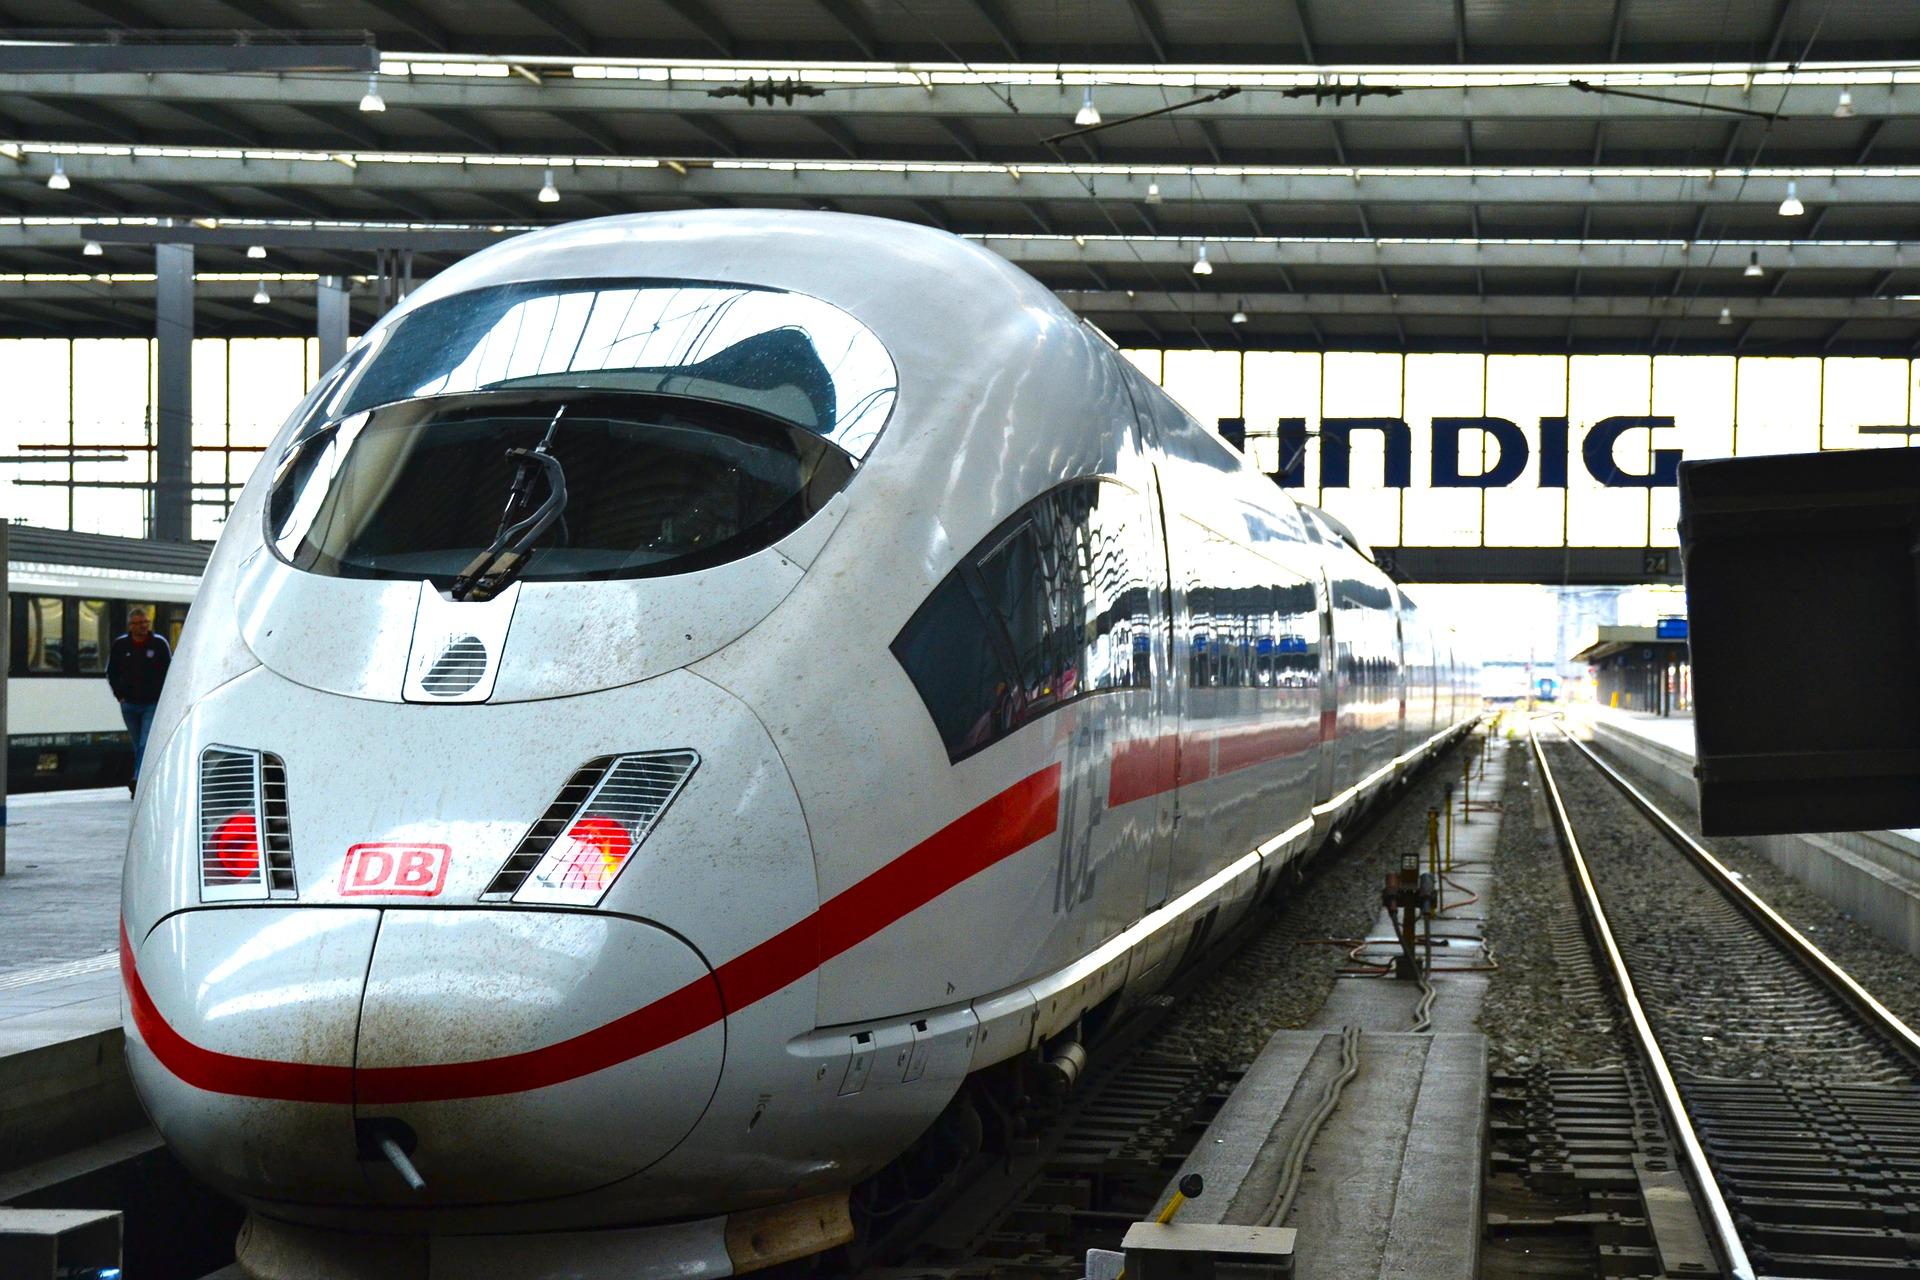 München Hauptbahnhof (Munich Central Station, Munich, Germany